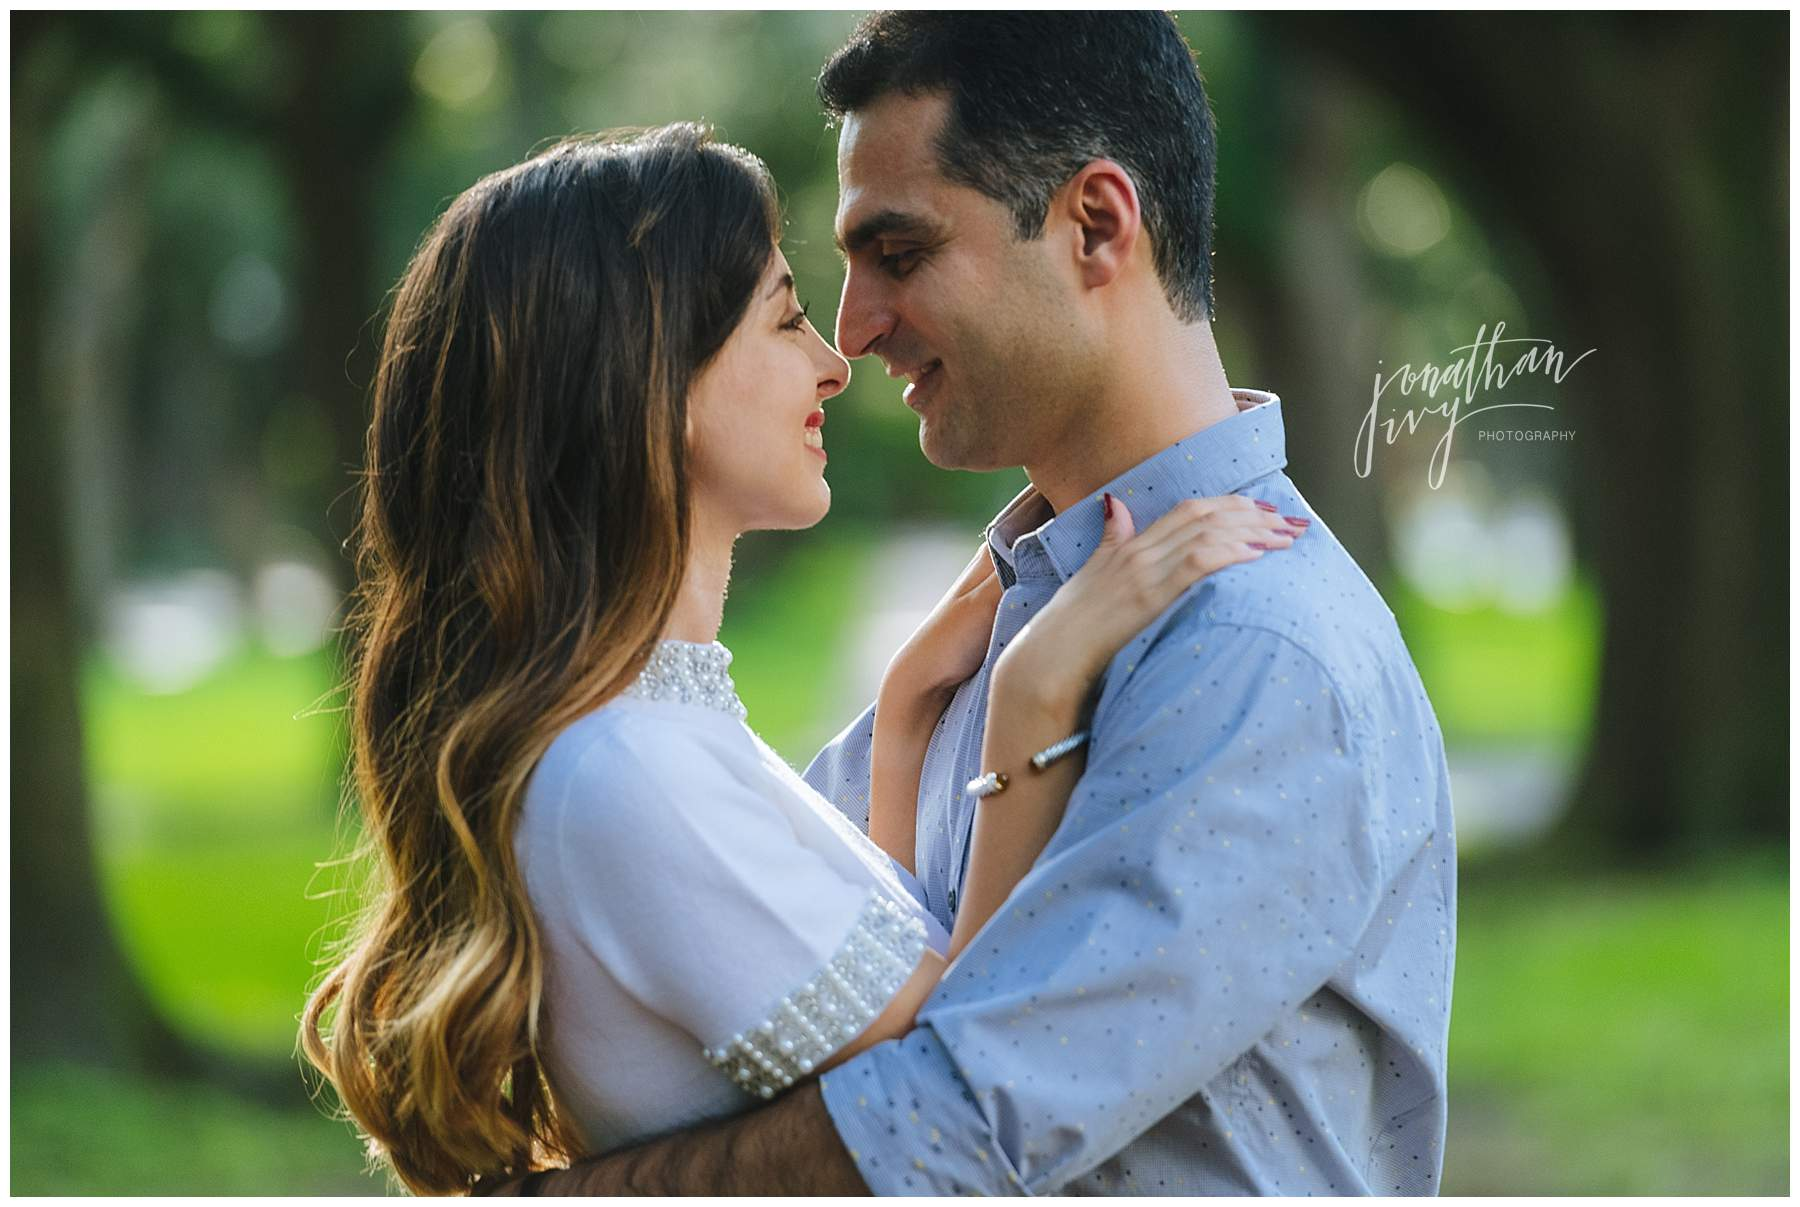 Downtown Houston Couple's Photos